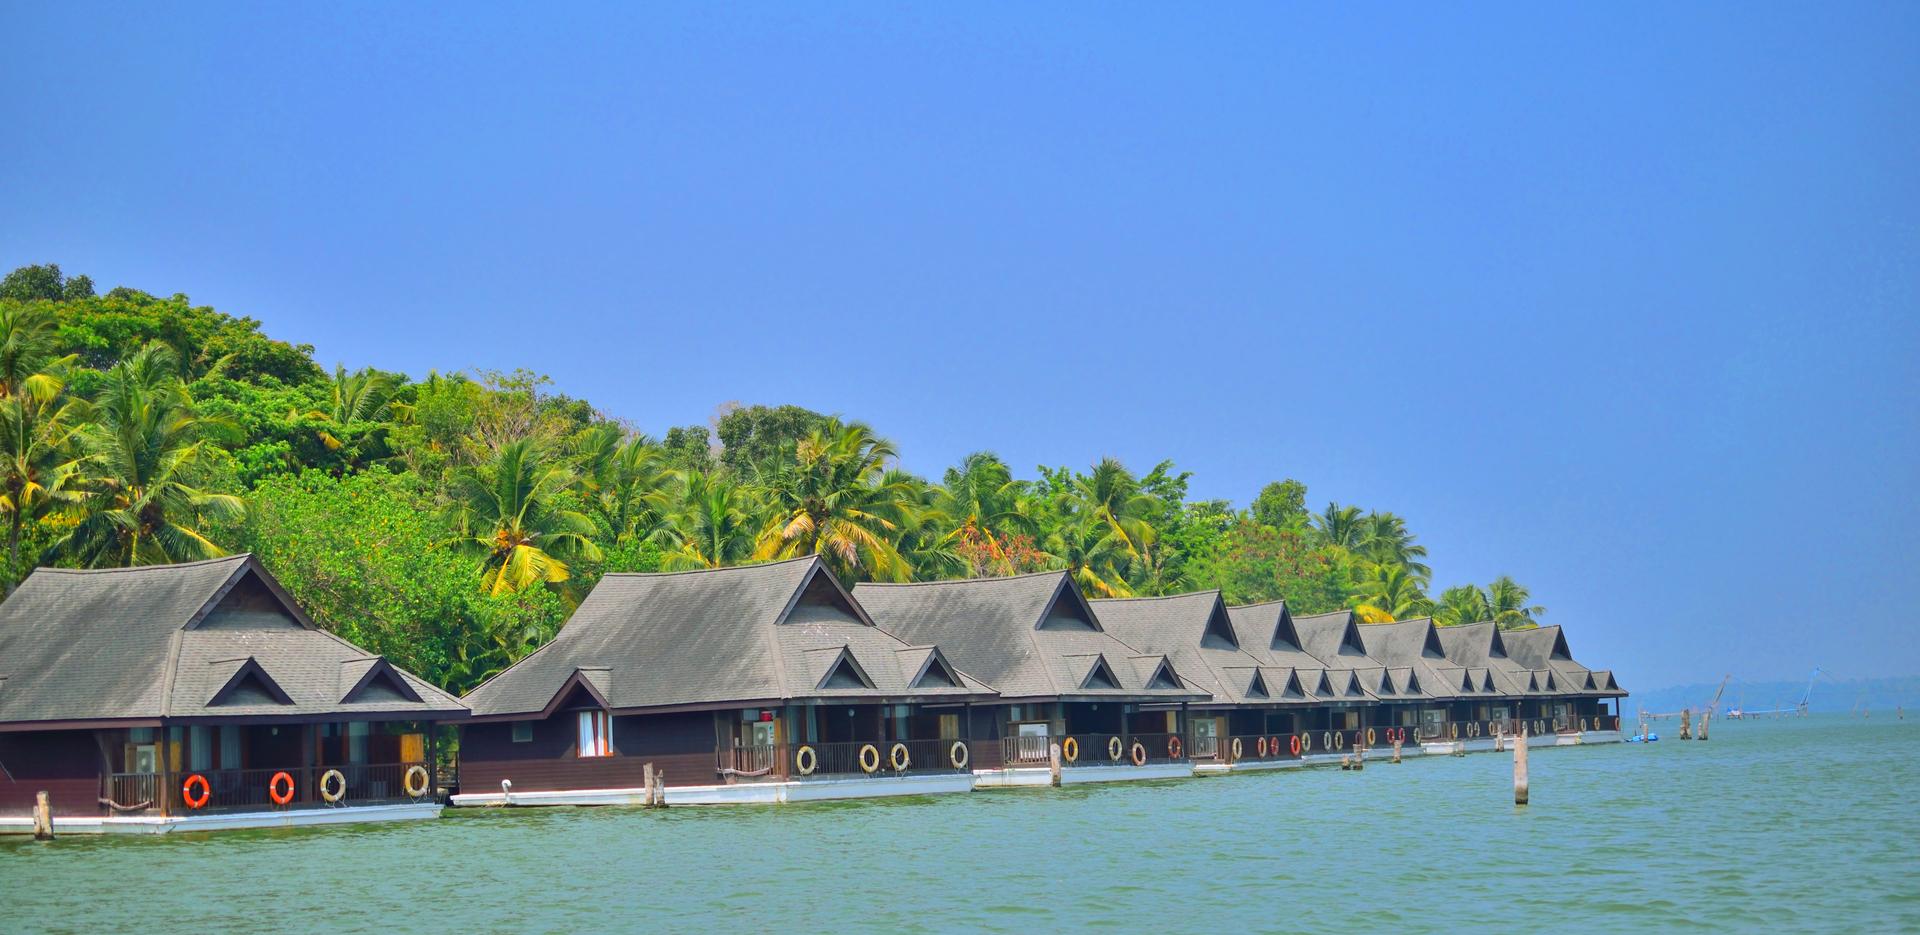 Floating Cottages Of Ashtamudi